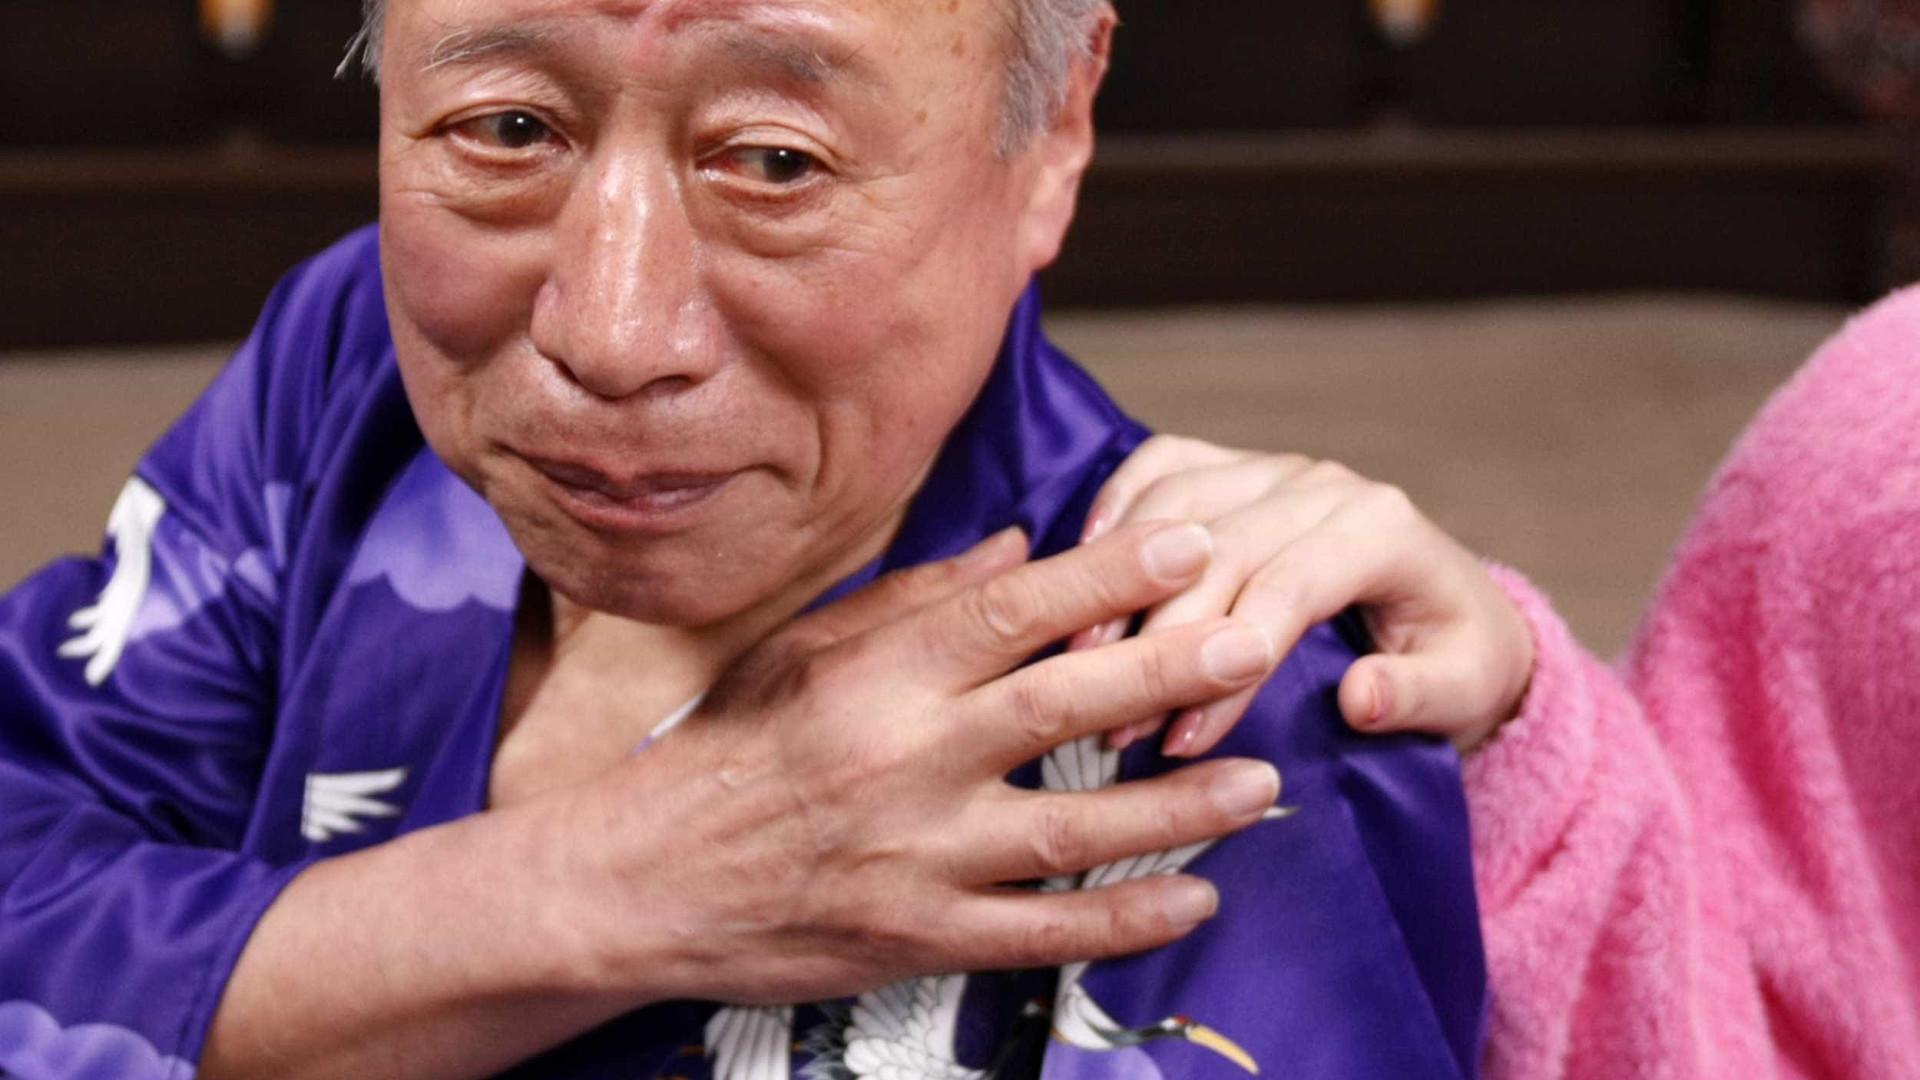 Conheça Shigeo Tokuda, o ator pornô japonês de 82 anos